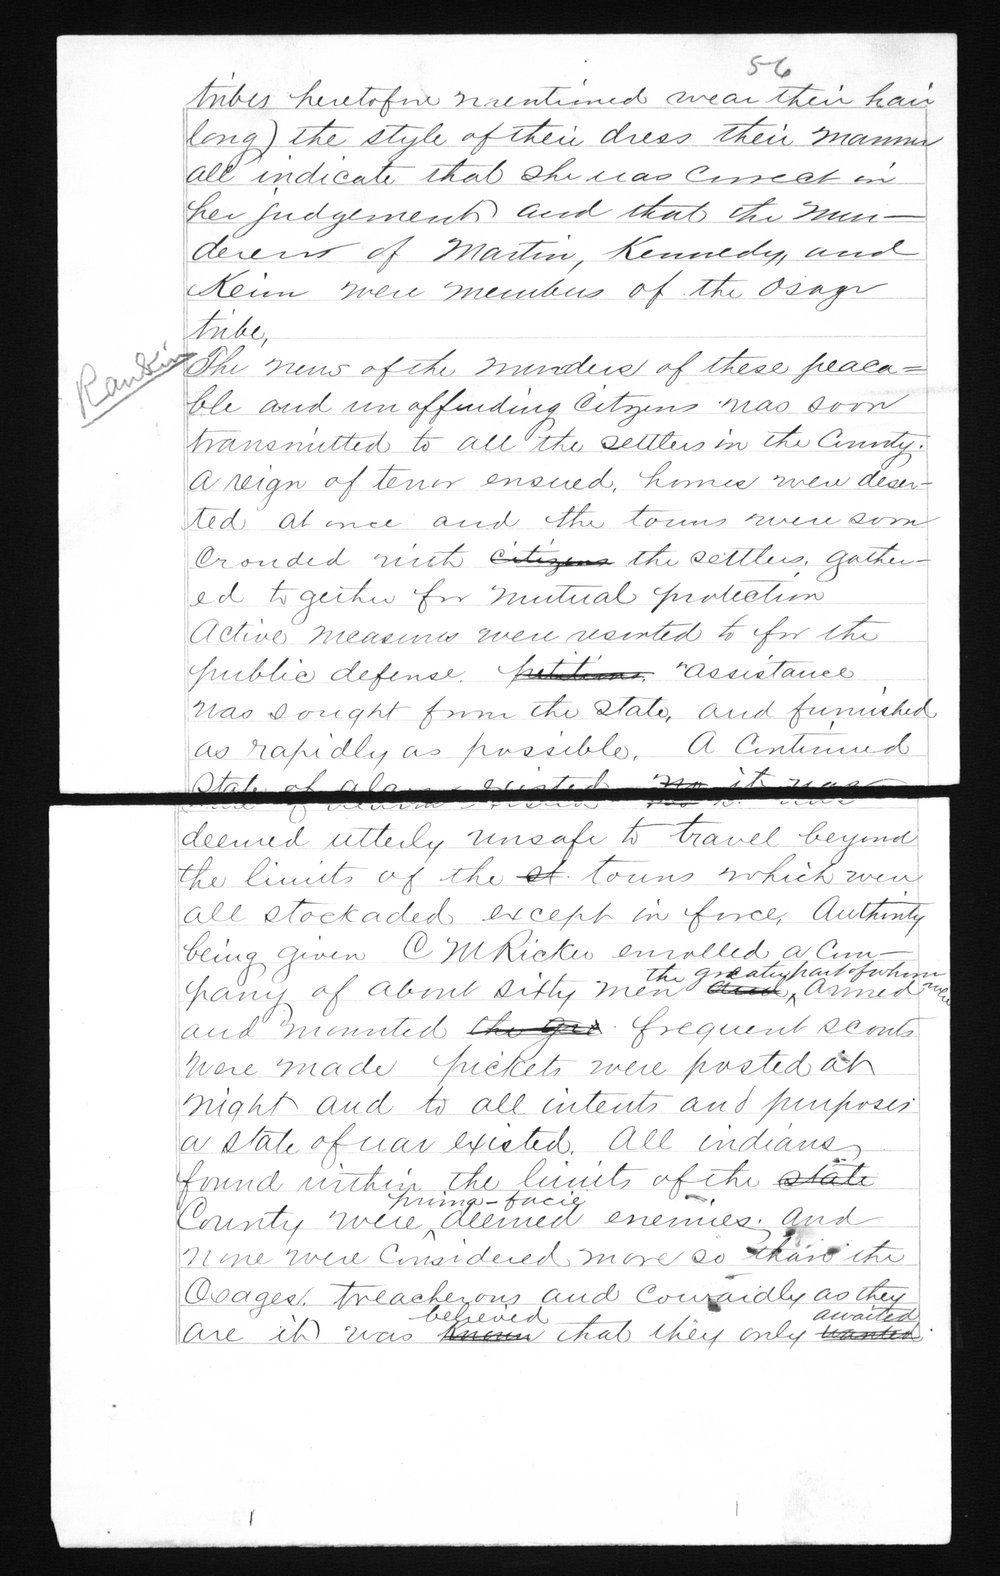 Captain Lewis Hanback's final report - 56